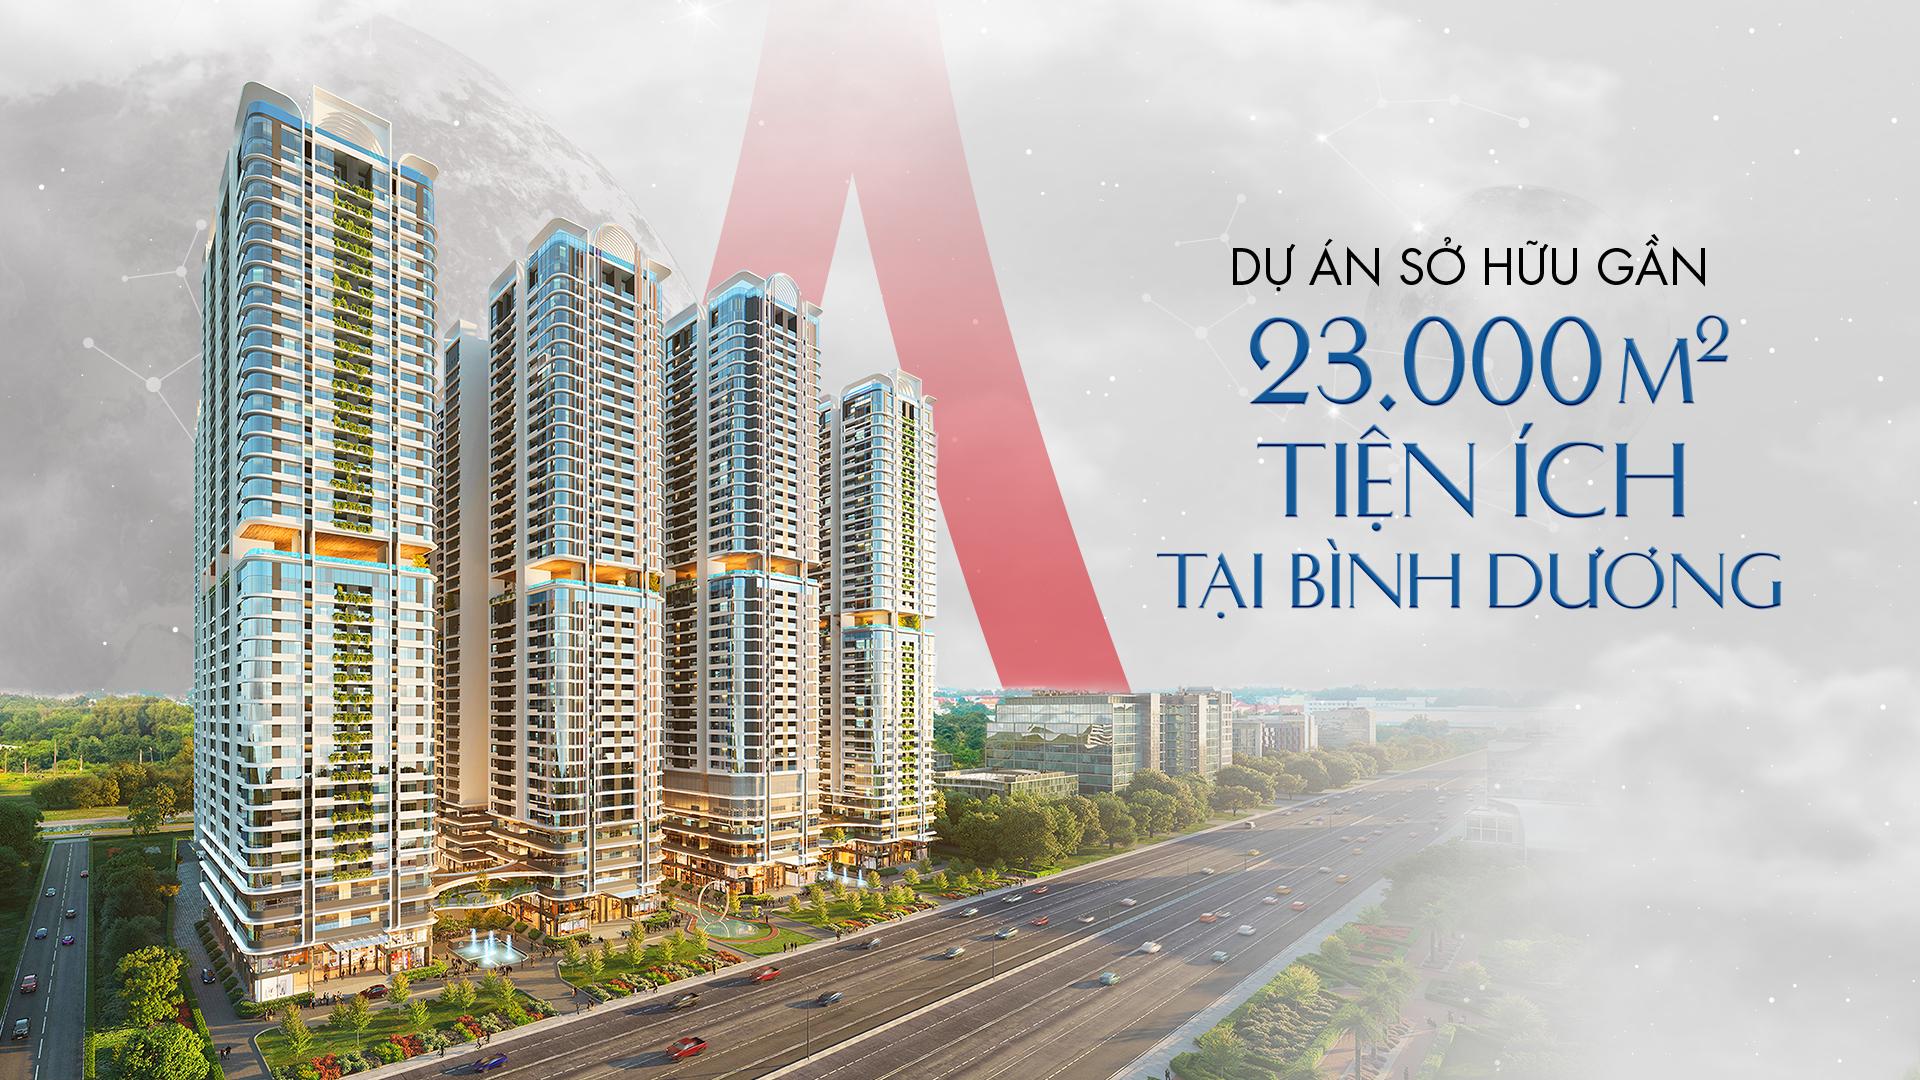 Dự án căn hộ sở hữu gần 23.000 m2 tiện ích tại Bình Dương 1